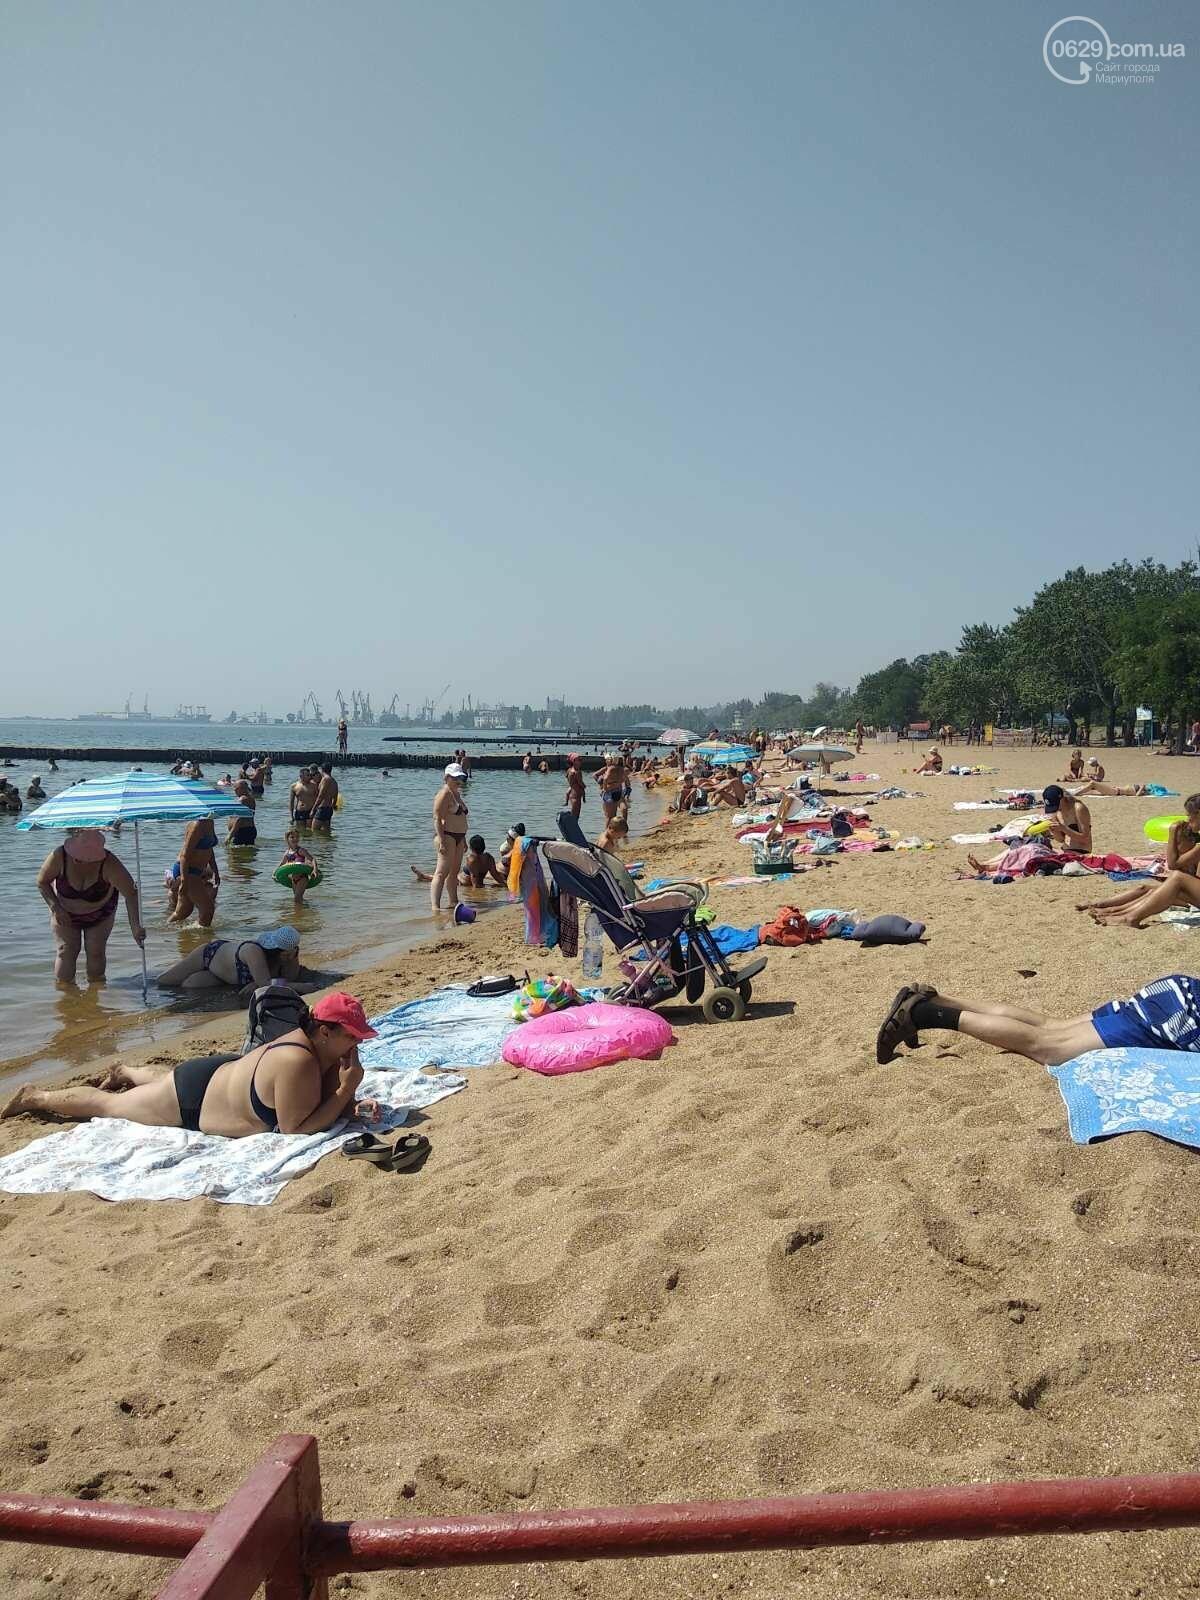 На пляжах Мариуполя – аншлаг. Большая часть отдыхающих – пьяные, - ФОТО, фото-2